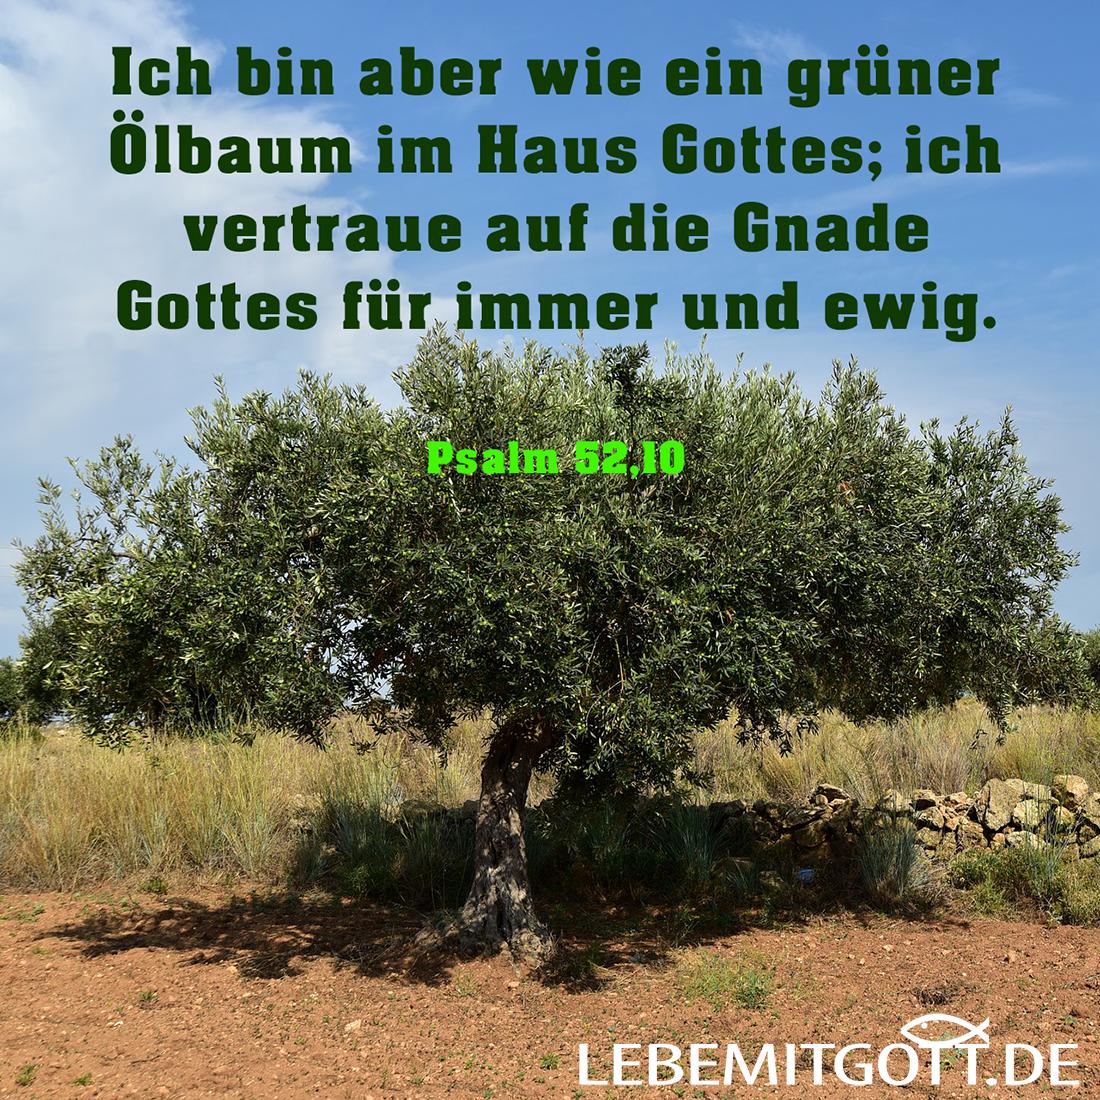 grüner Ölbaum